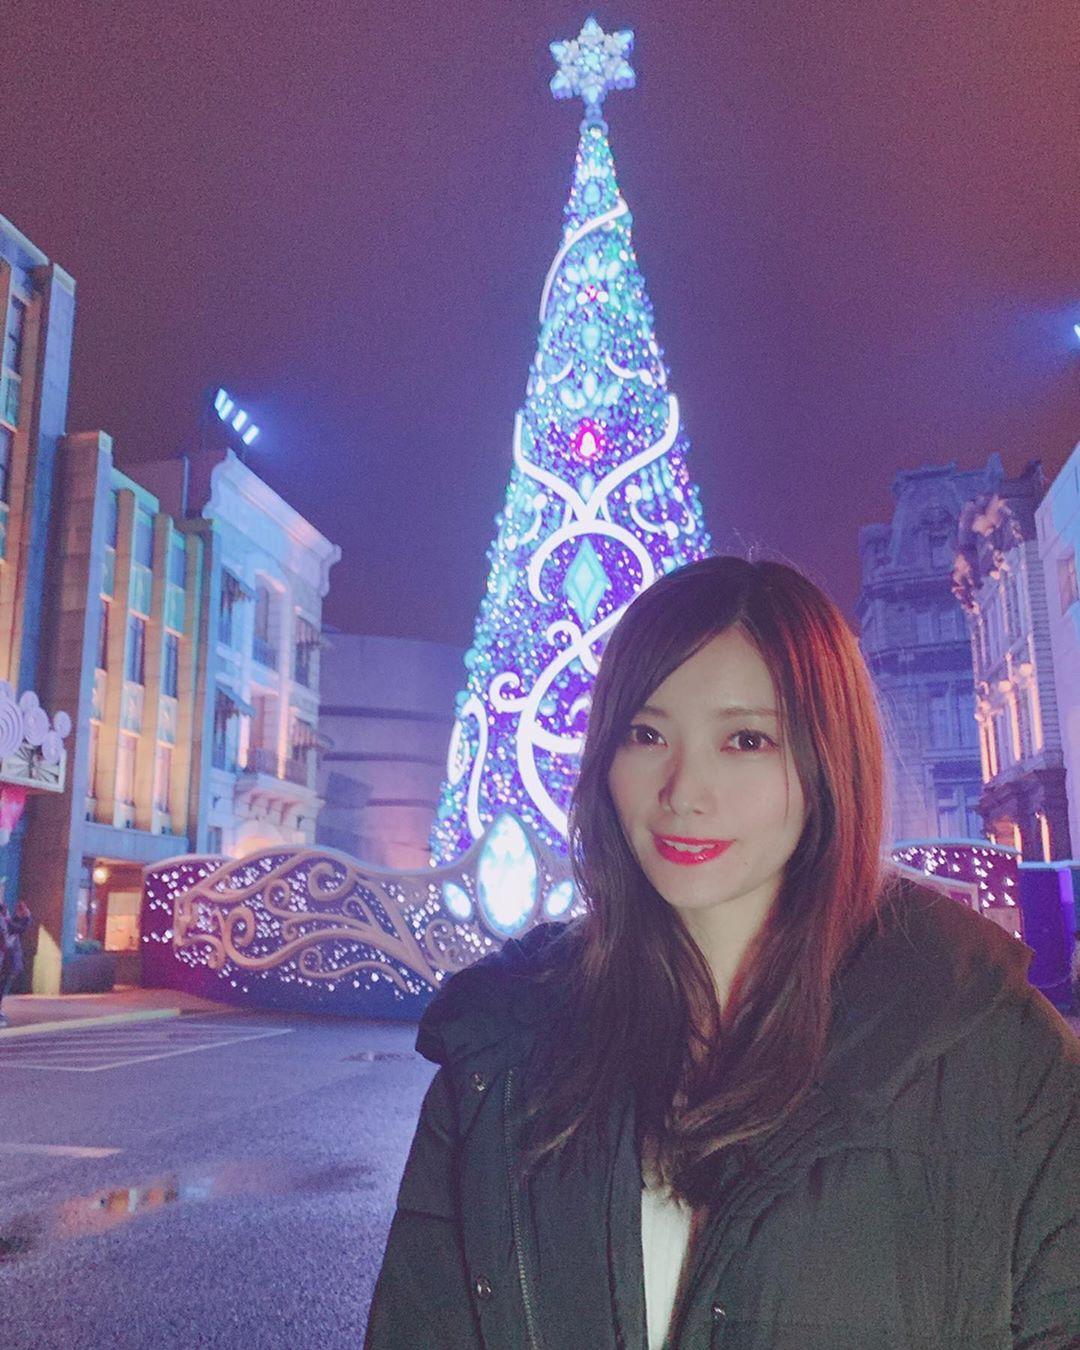 hashimoto_maho074.jpg